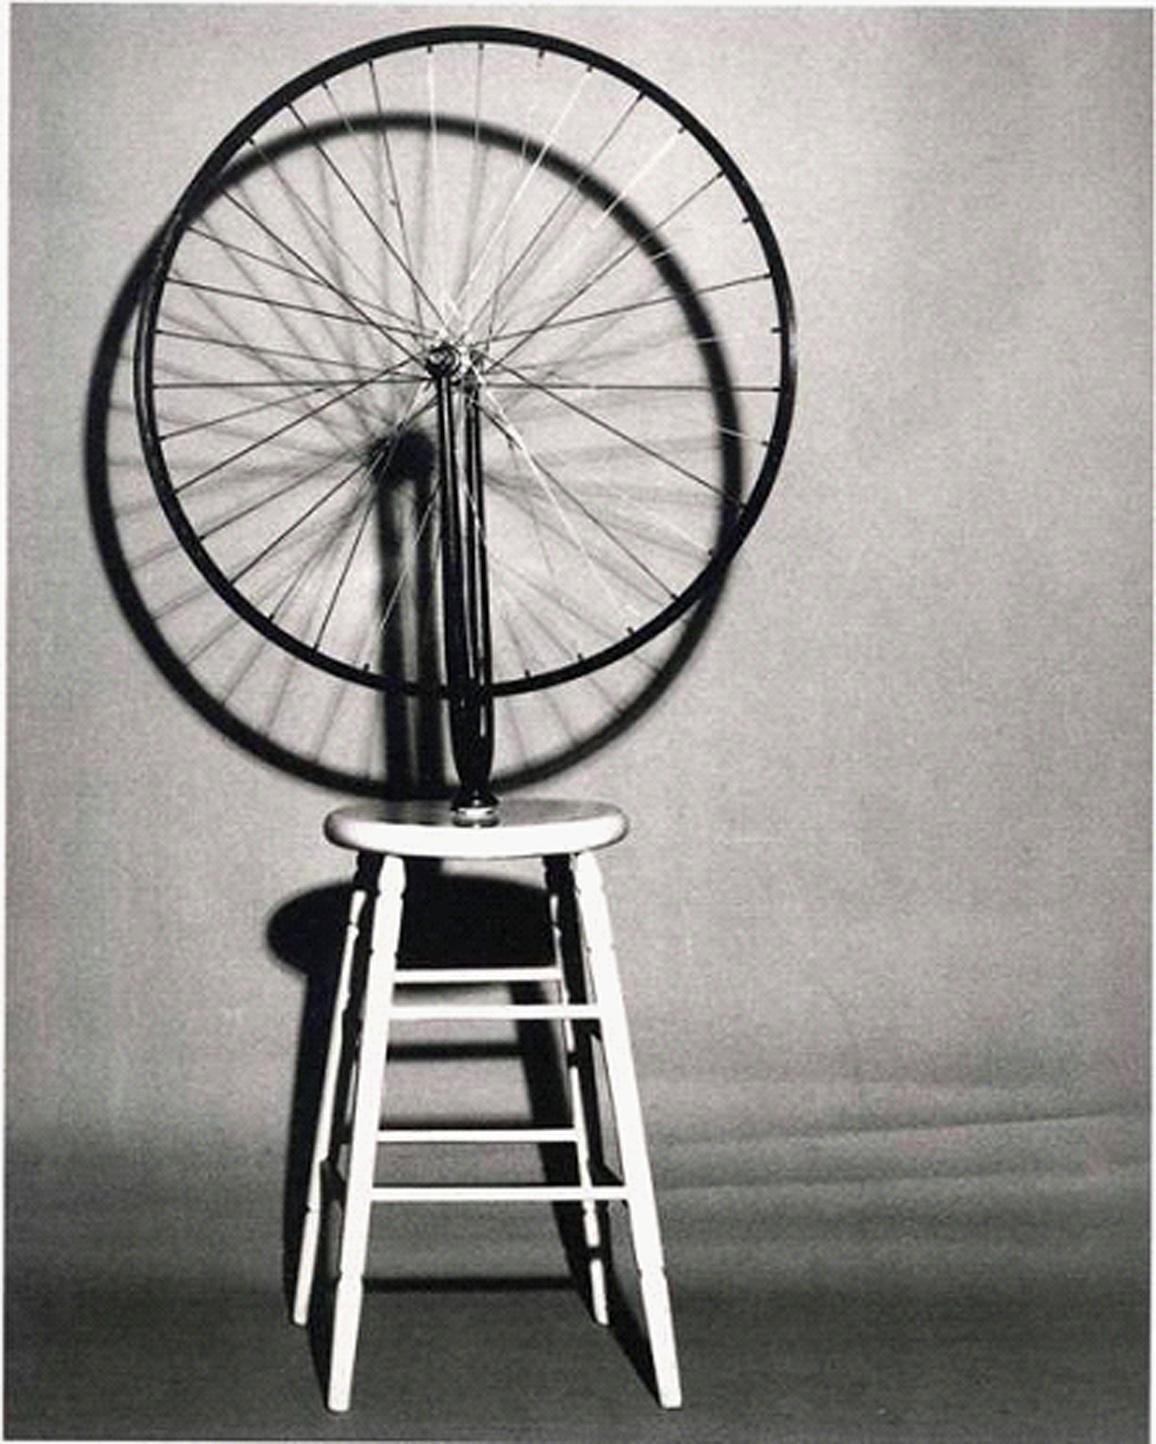 I CULT EXPOSICION EN EL MNAC BICYCLE WHEEL 1913 DE MARCEL DUCHAMP